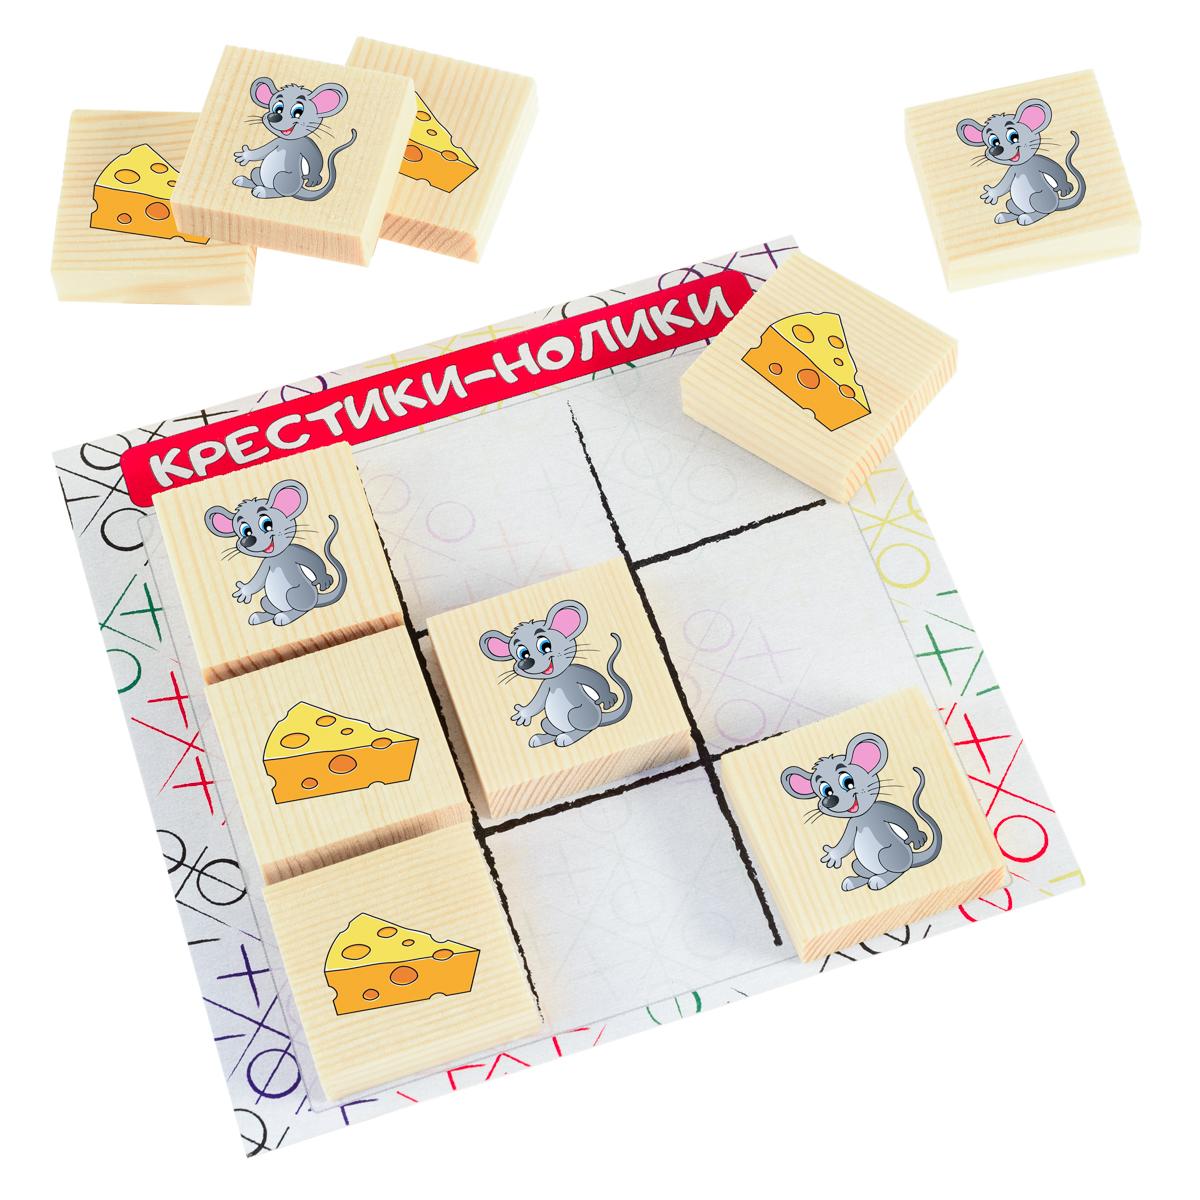 Развивающие деревянные игрушки Обучающая игра Крестики-нолики Мышка и сыр развивающие деревянные игрушки обучающая игра крестики нолики классика